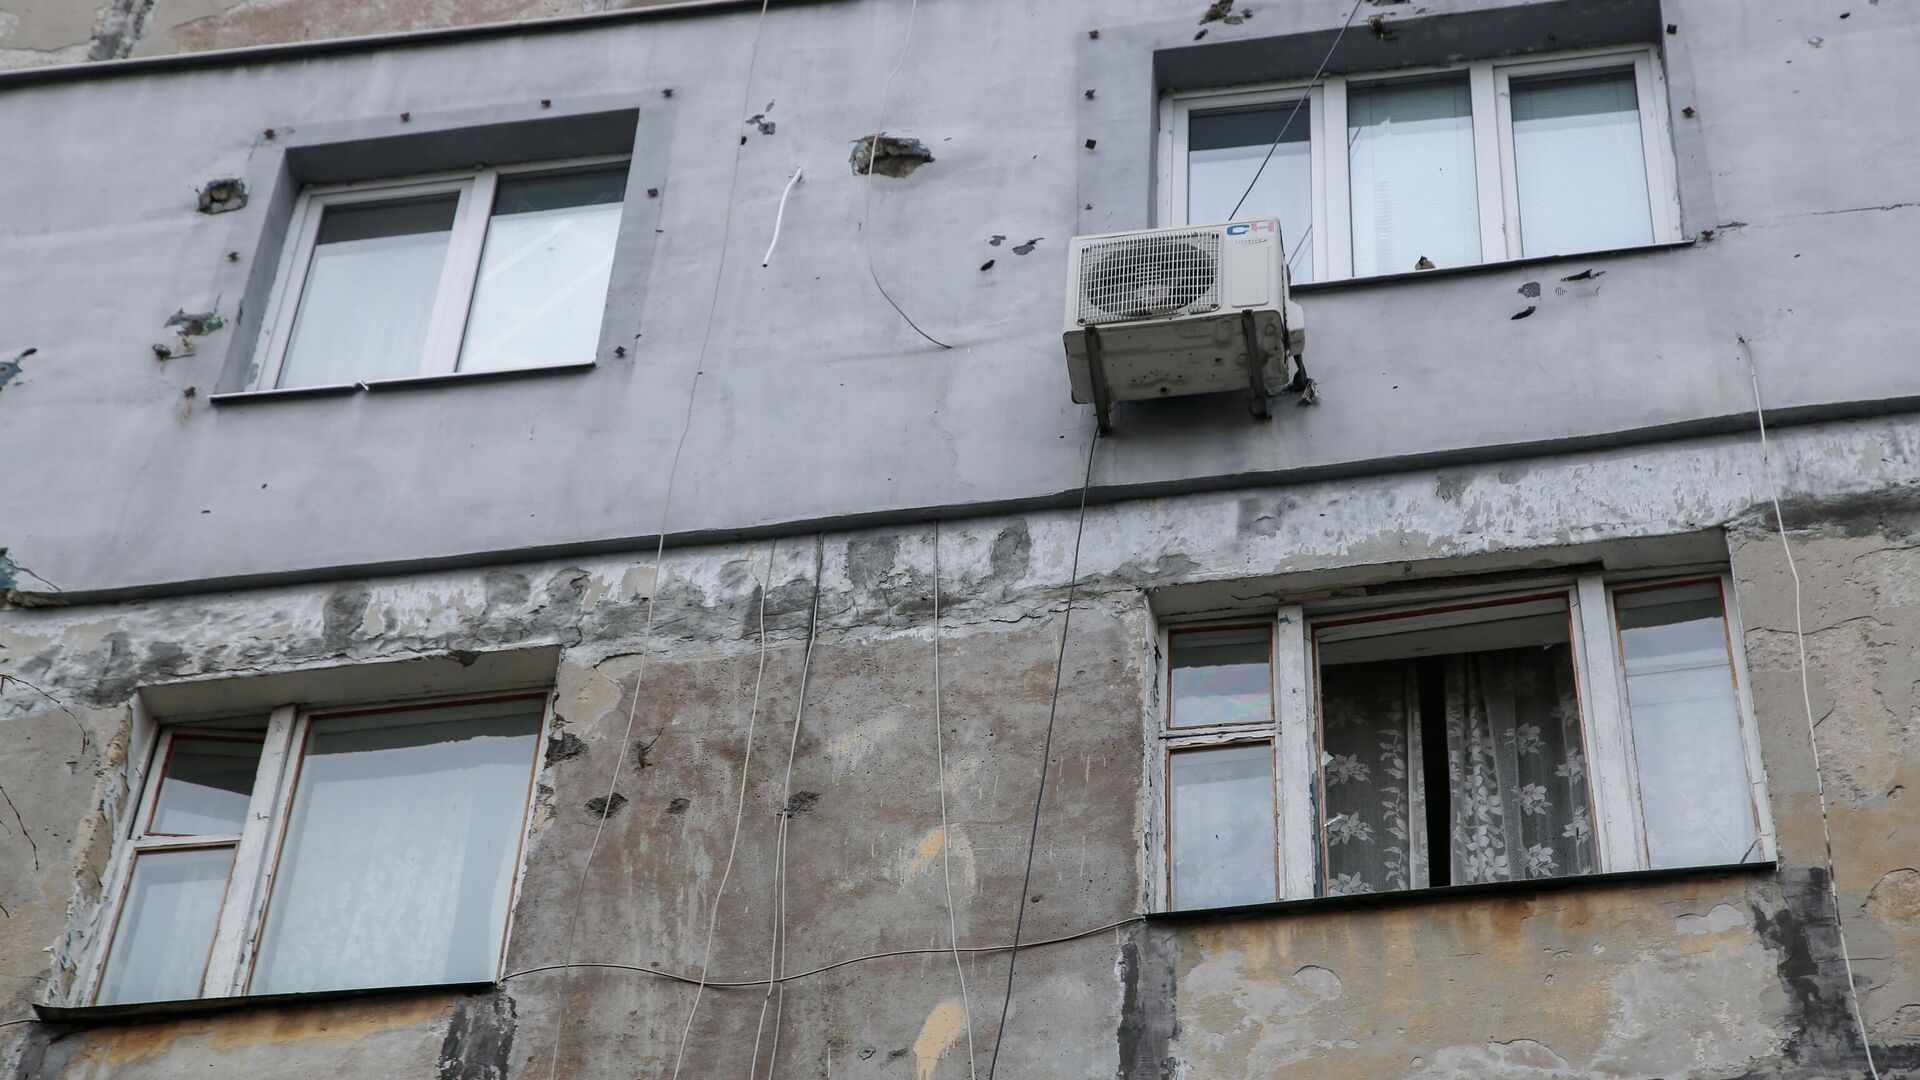 Следы от осколков снаряда на стене жилого дома в Киевском районе Донецка - РИА Новости, 1920, 19.04.2021